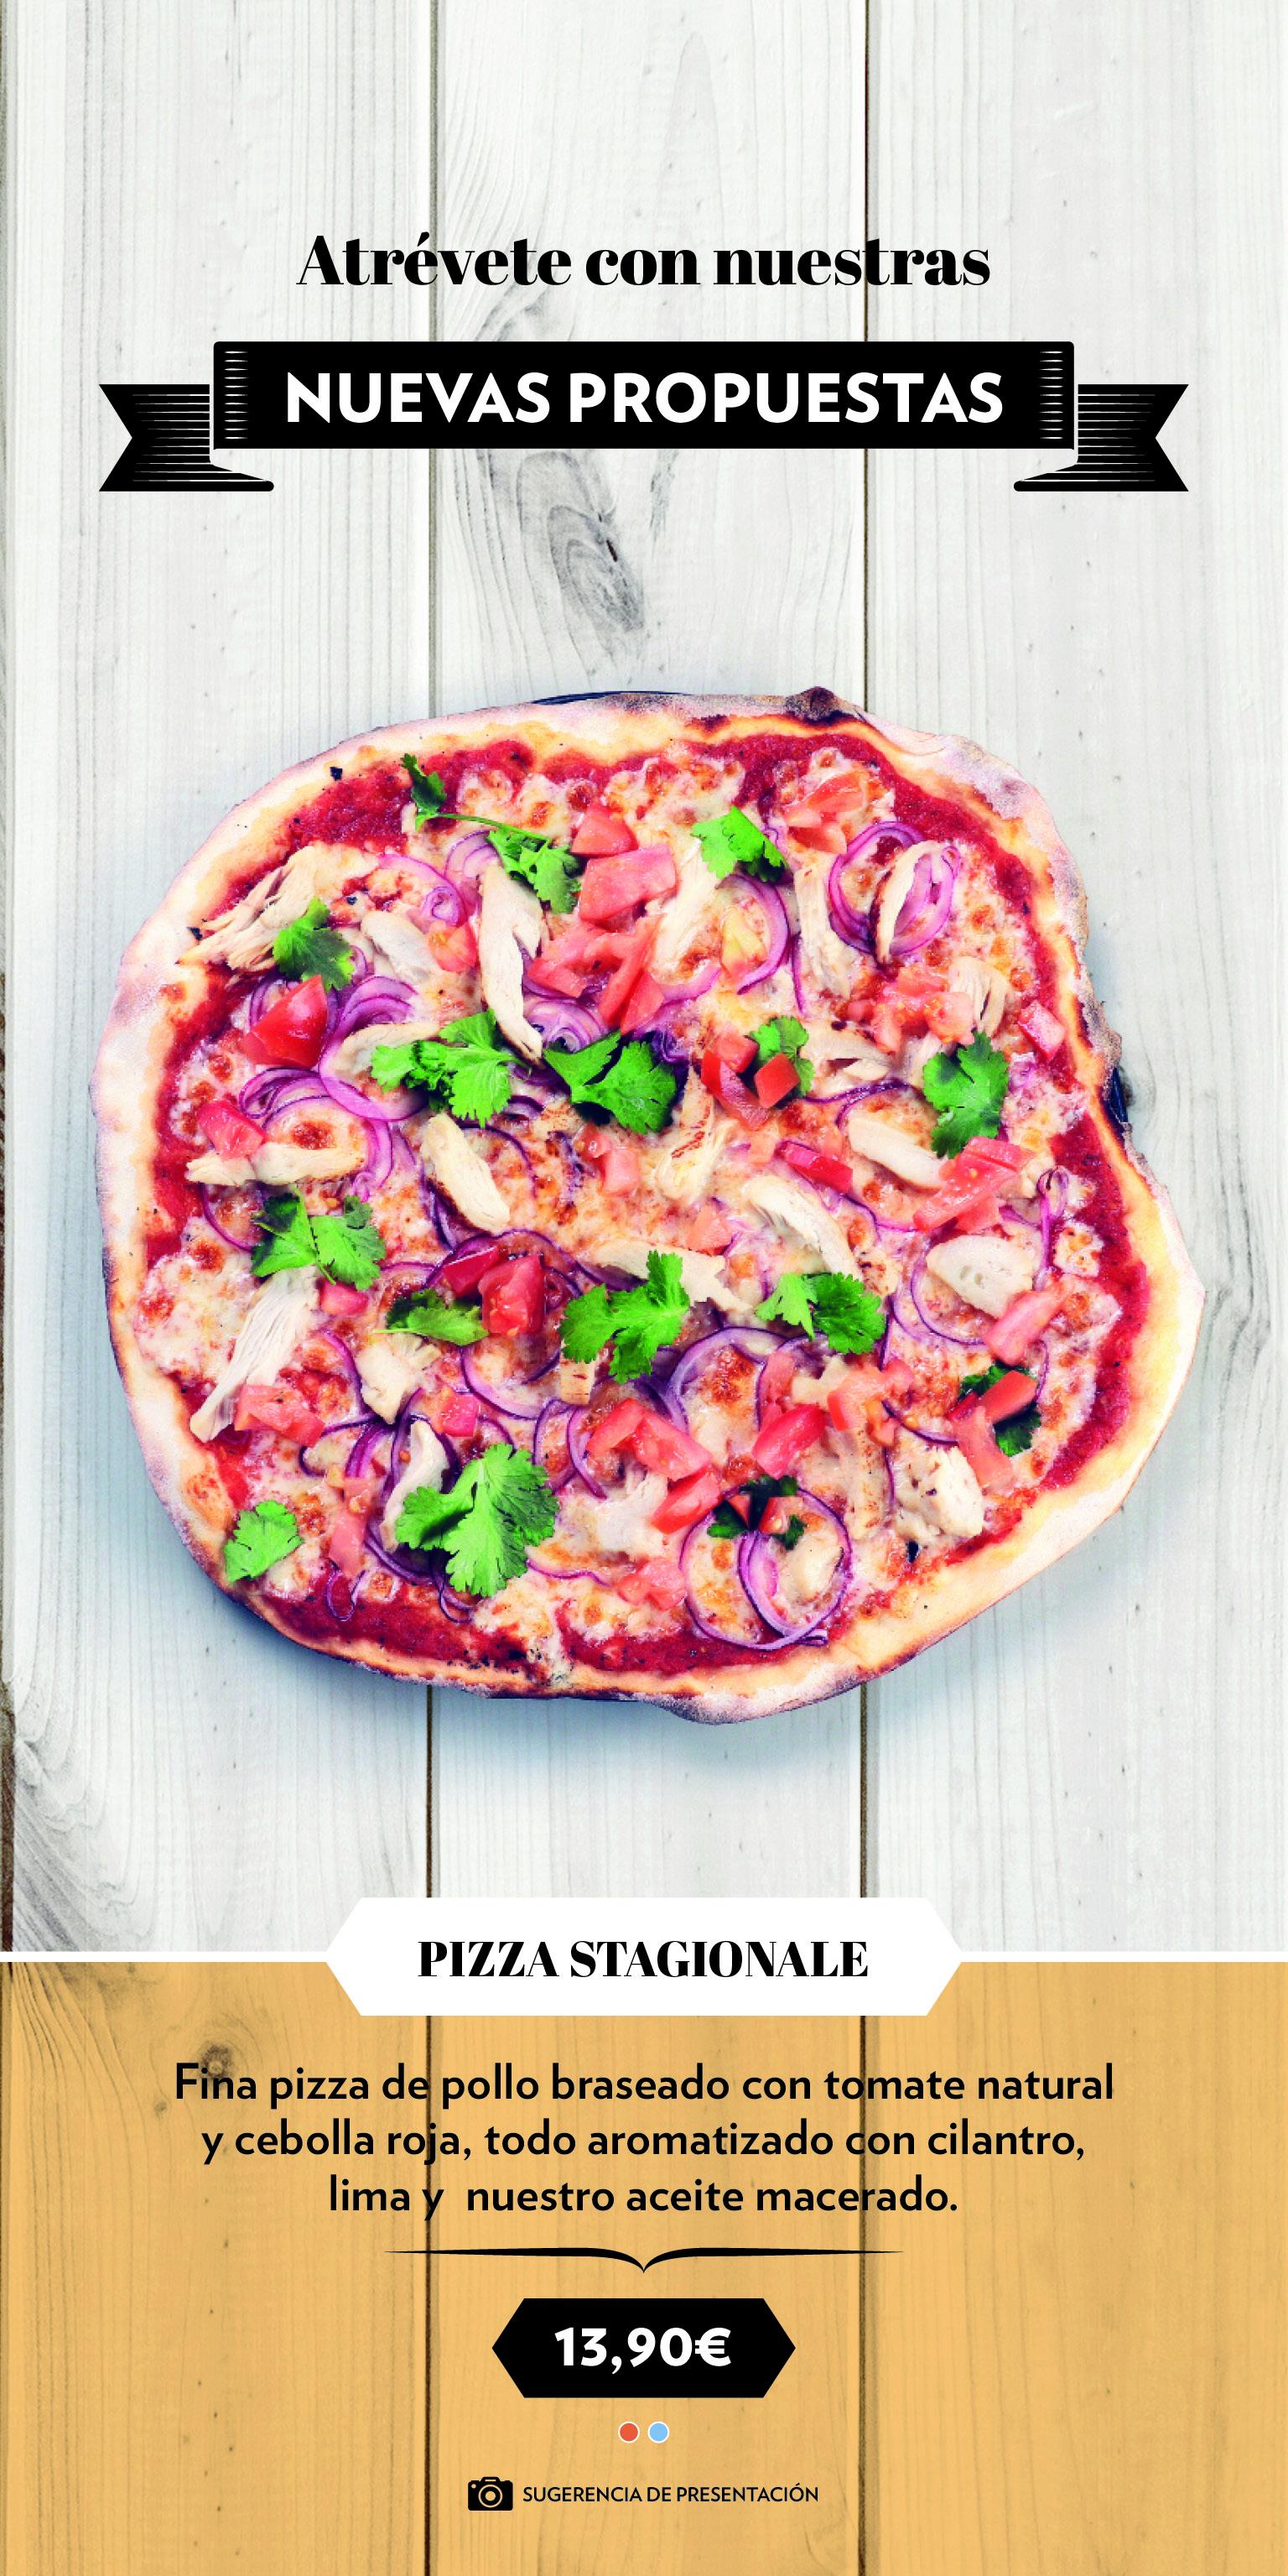 Edición Limitada Pizza 1 - Pizza Stagionale, de edición limitada